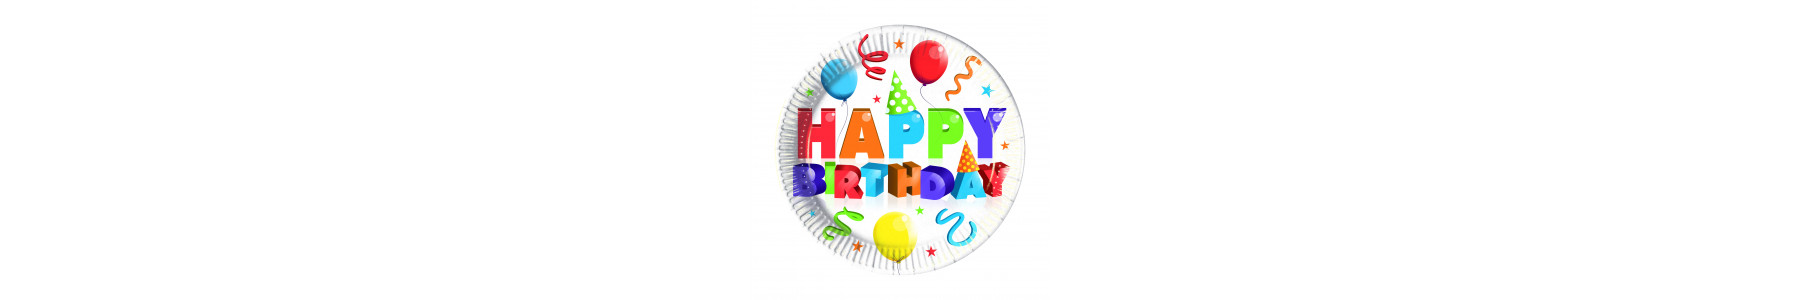 Accesorii de petrecere Colorful Happy Birthday